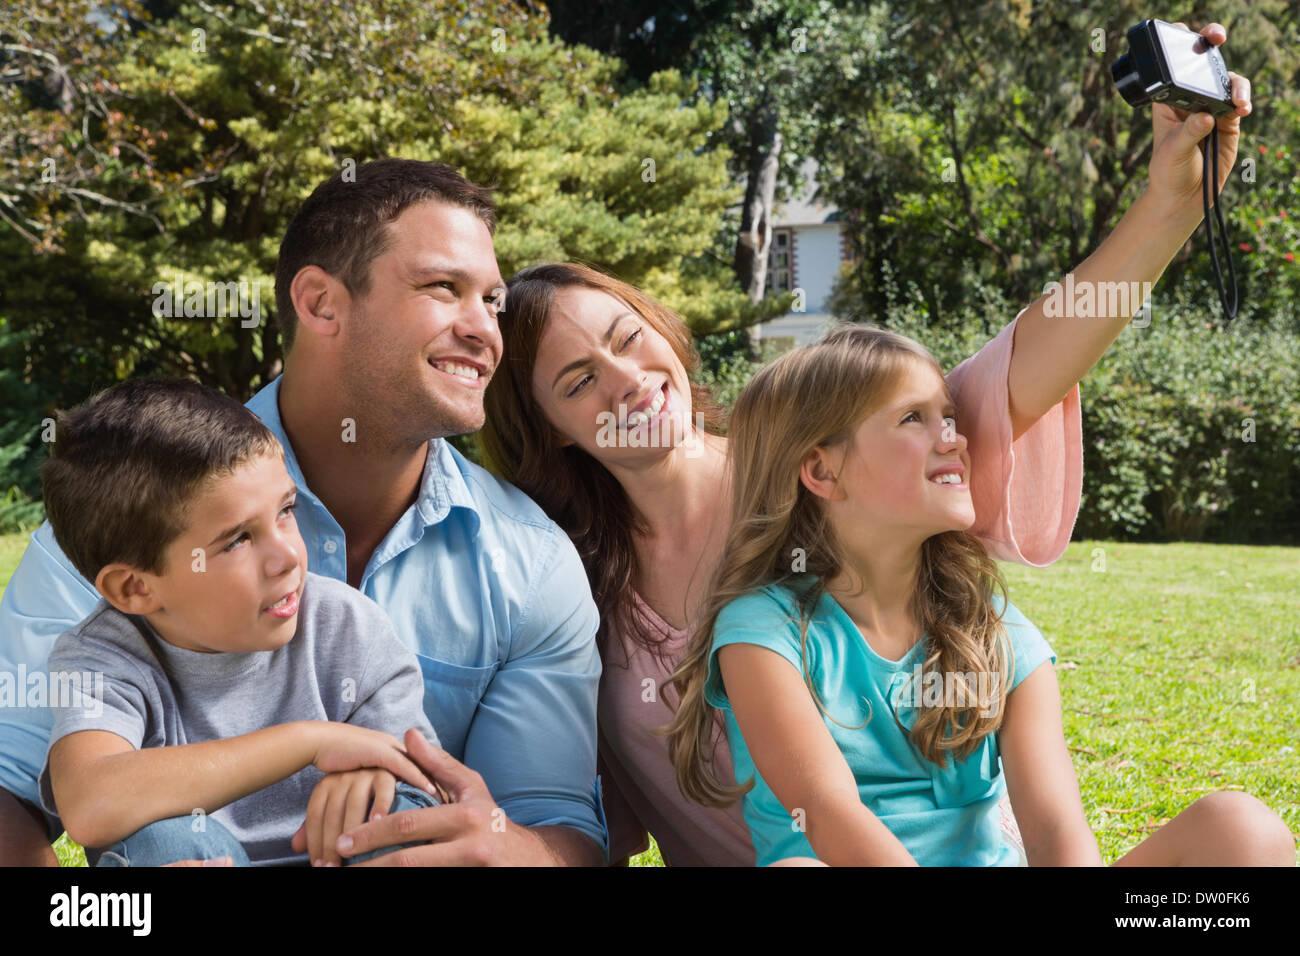 Glückliche Familie in einem Park Fotos Stockbild